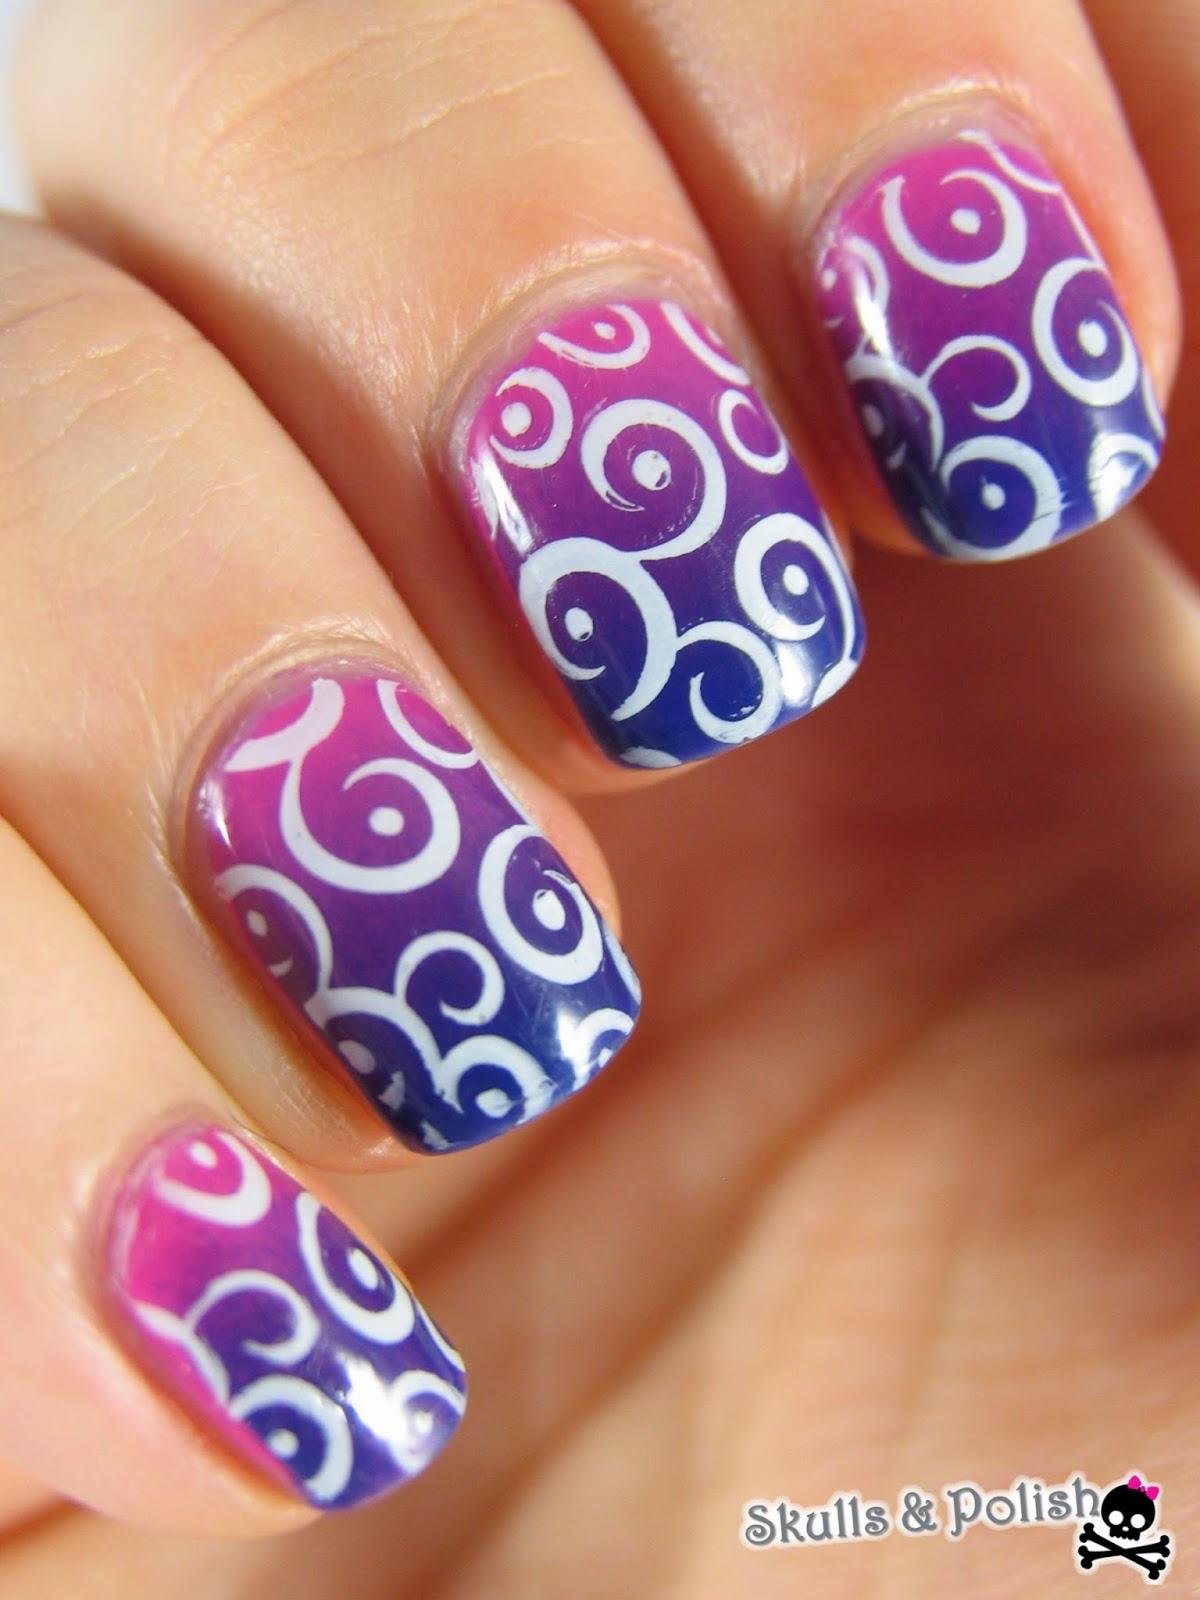 gradient_nails_brasil_essence_stamping_pueen46_pueen_love_elements